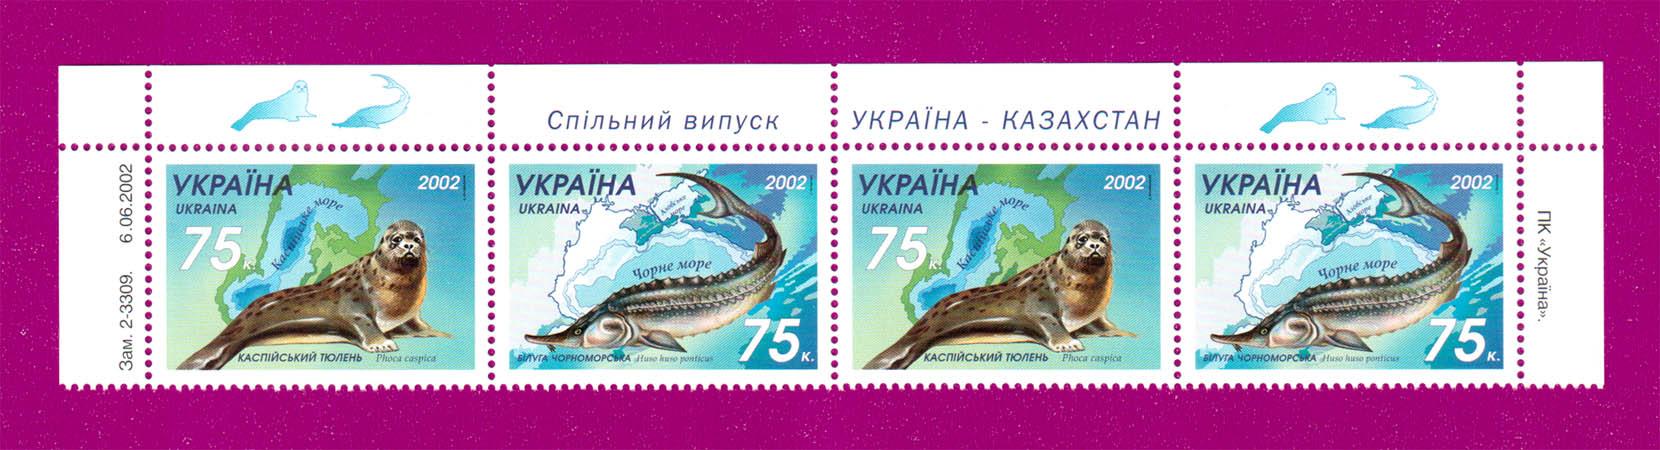 2002 часть листа Фауна Тюлень-белуга ВЕРХ Украина